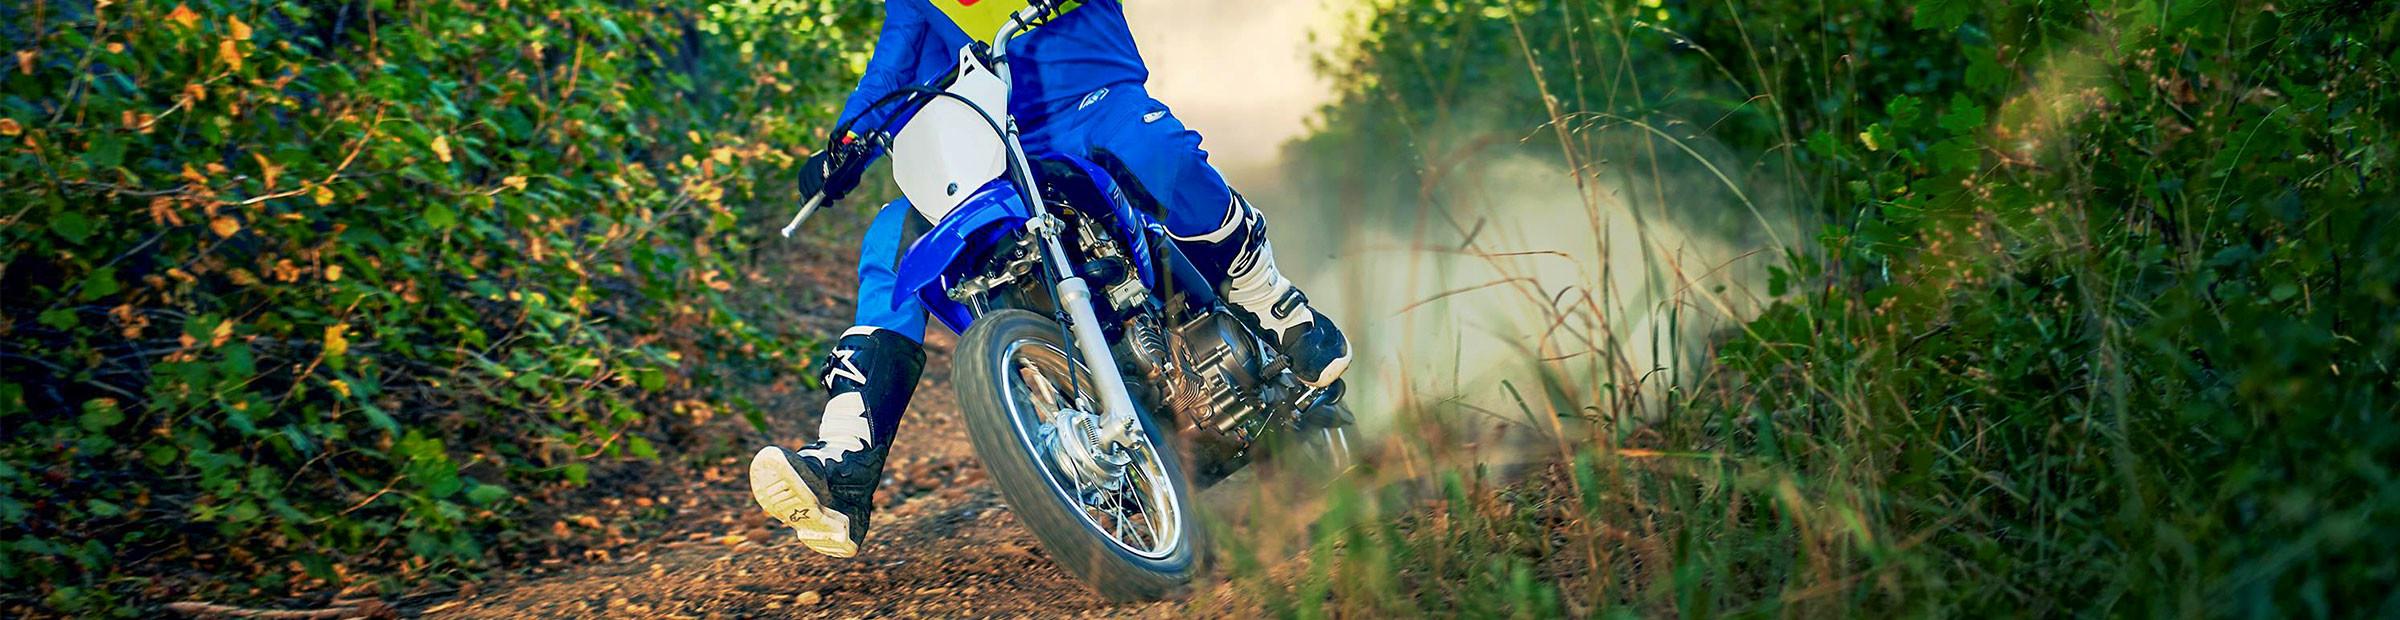 2021 Yamaha Motorcycles | Wild West Motorsports Inc.